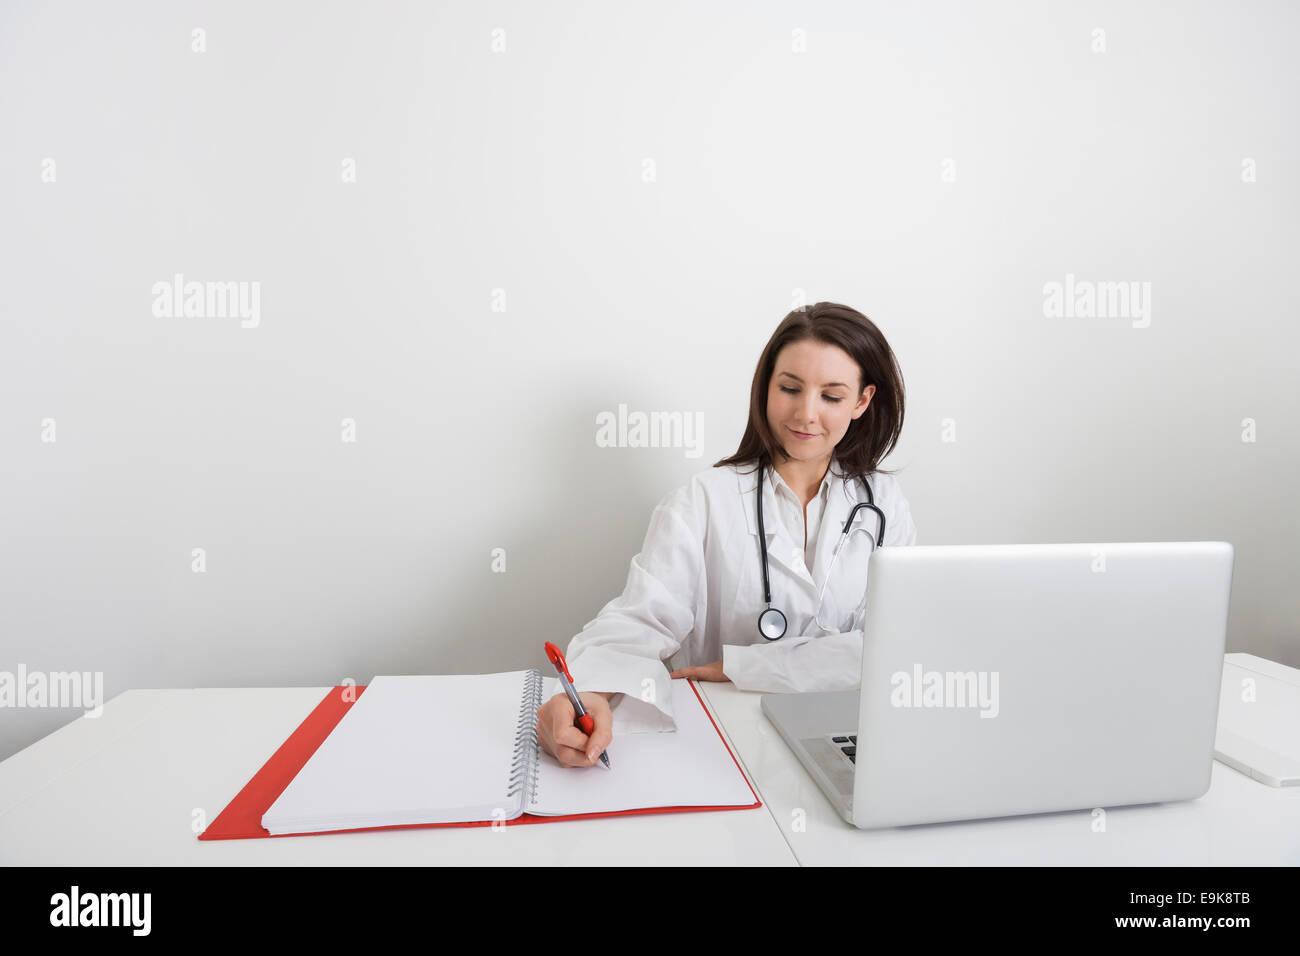 Ärztin, schreiben auf Binder auf Schreibtisch in Klinik Stockbild